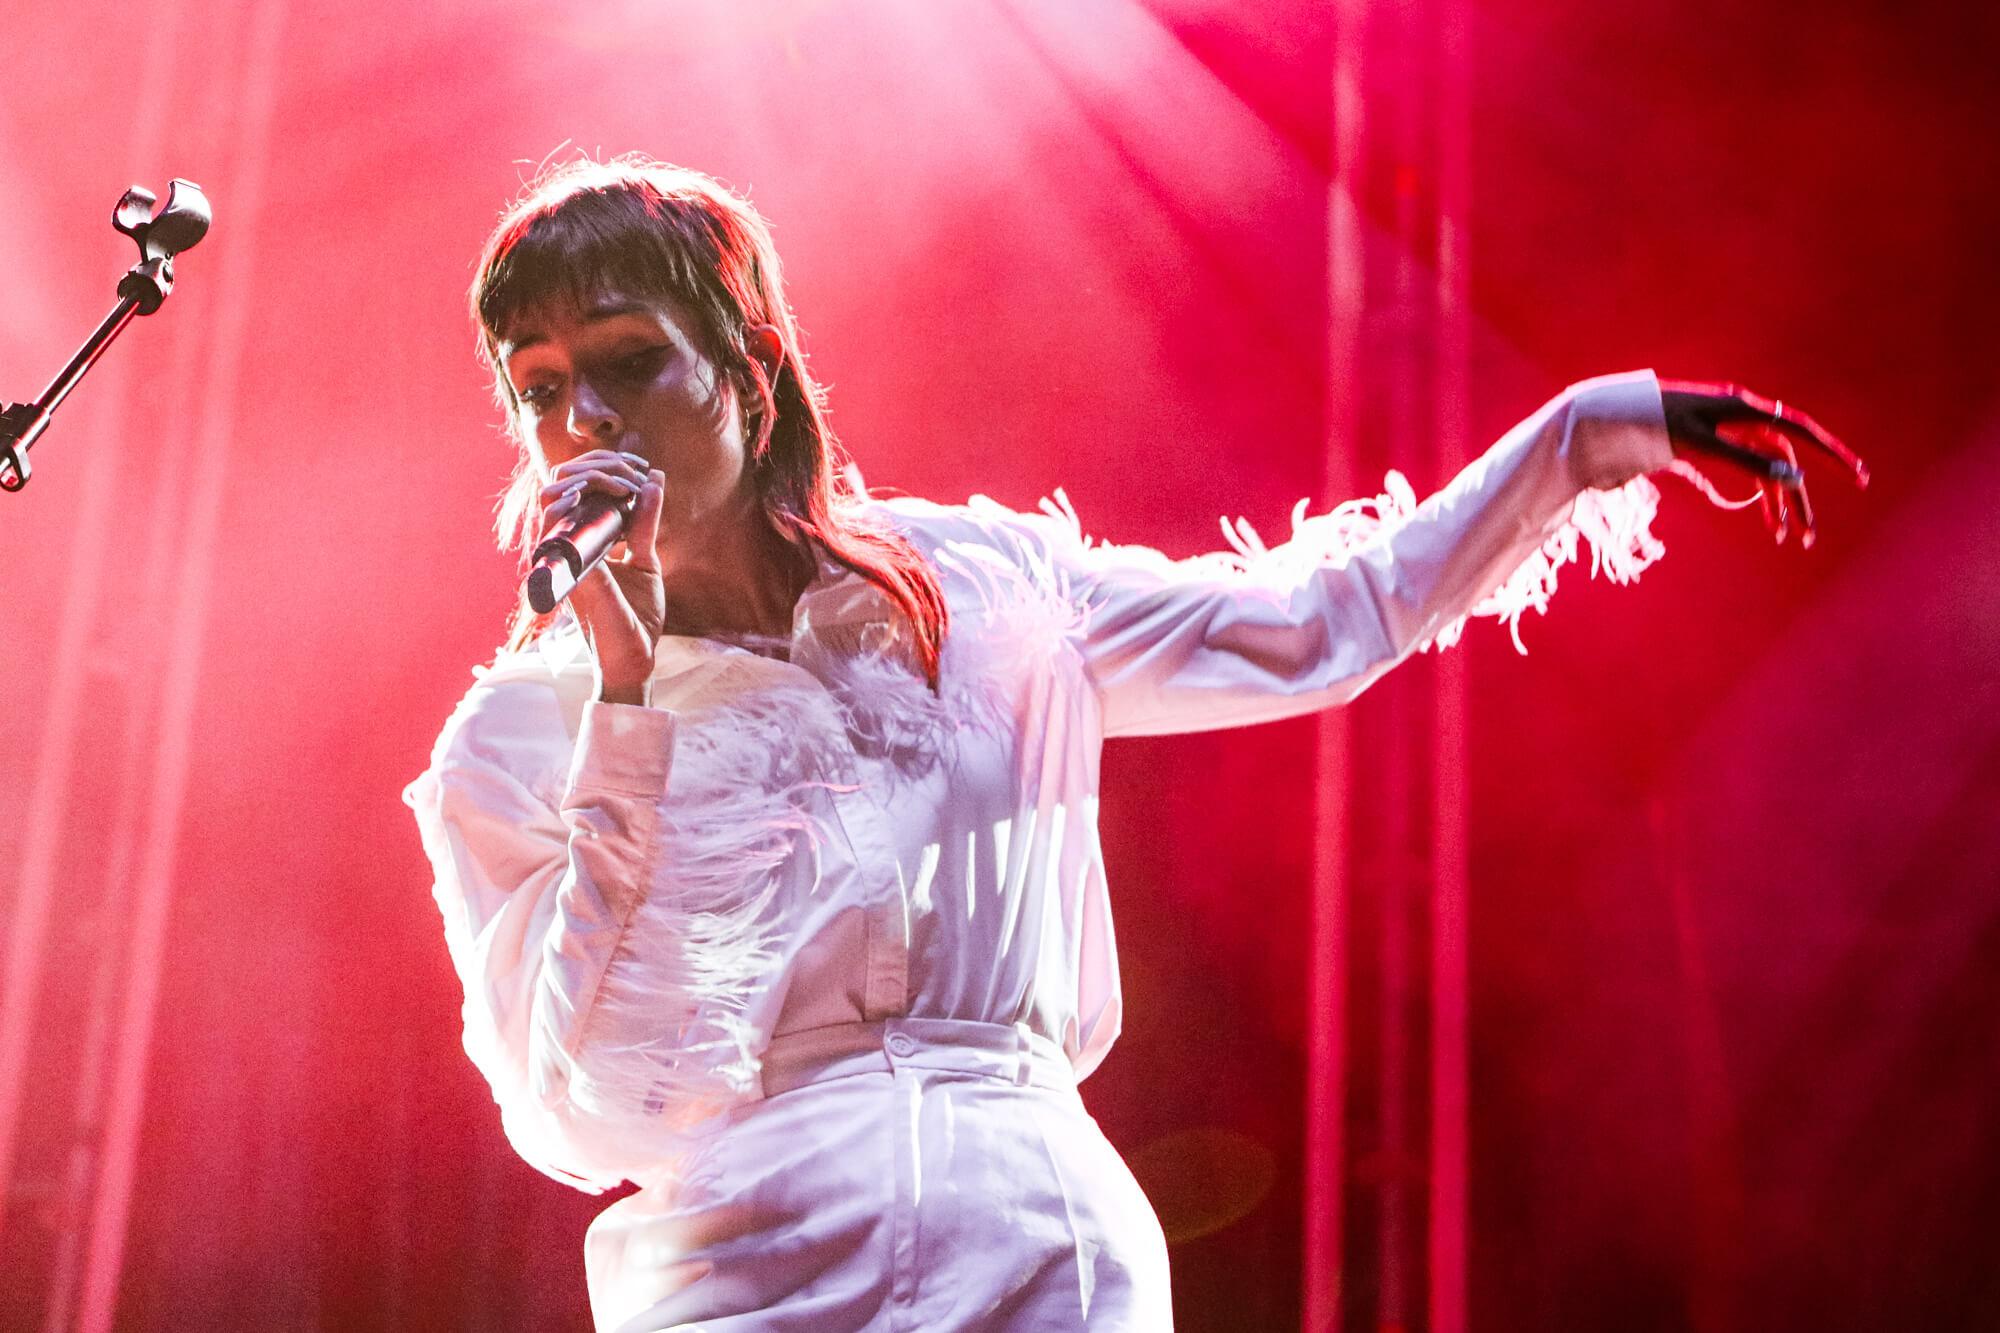 Natalia Lacunza en concierto, la joven cantante, compositora, e intérprete que brillo en Operación Triunfo, llega a Huelva